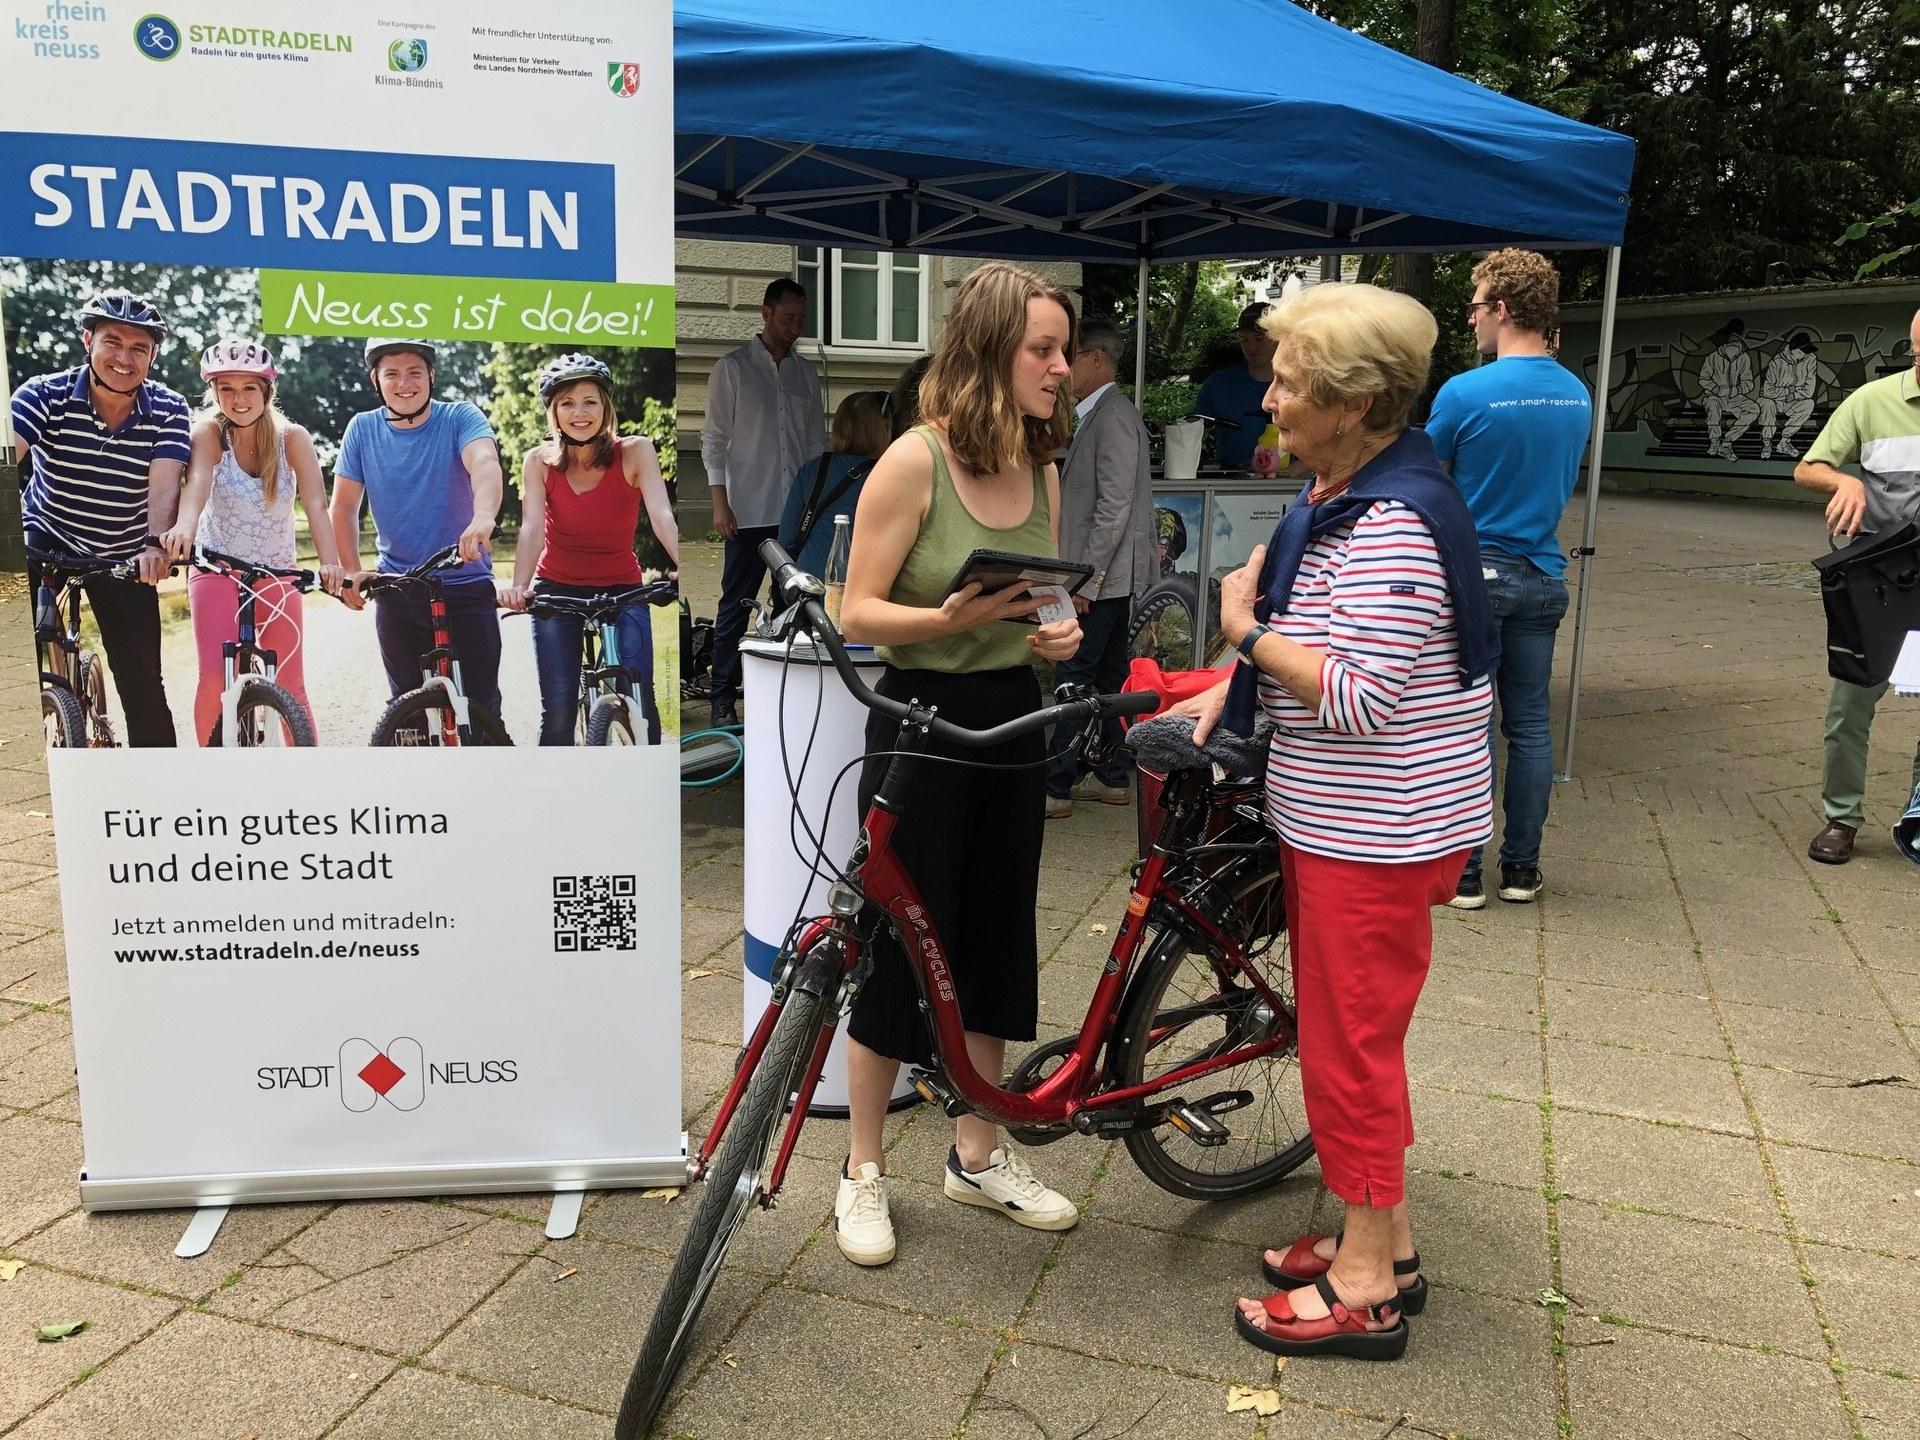 2019-06-14-Auftakt-Stadtradeln-Anmelden.jpg